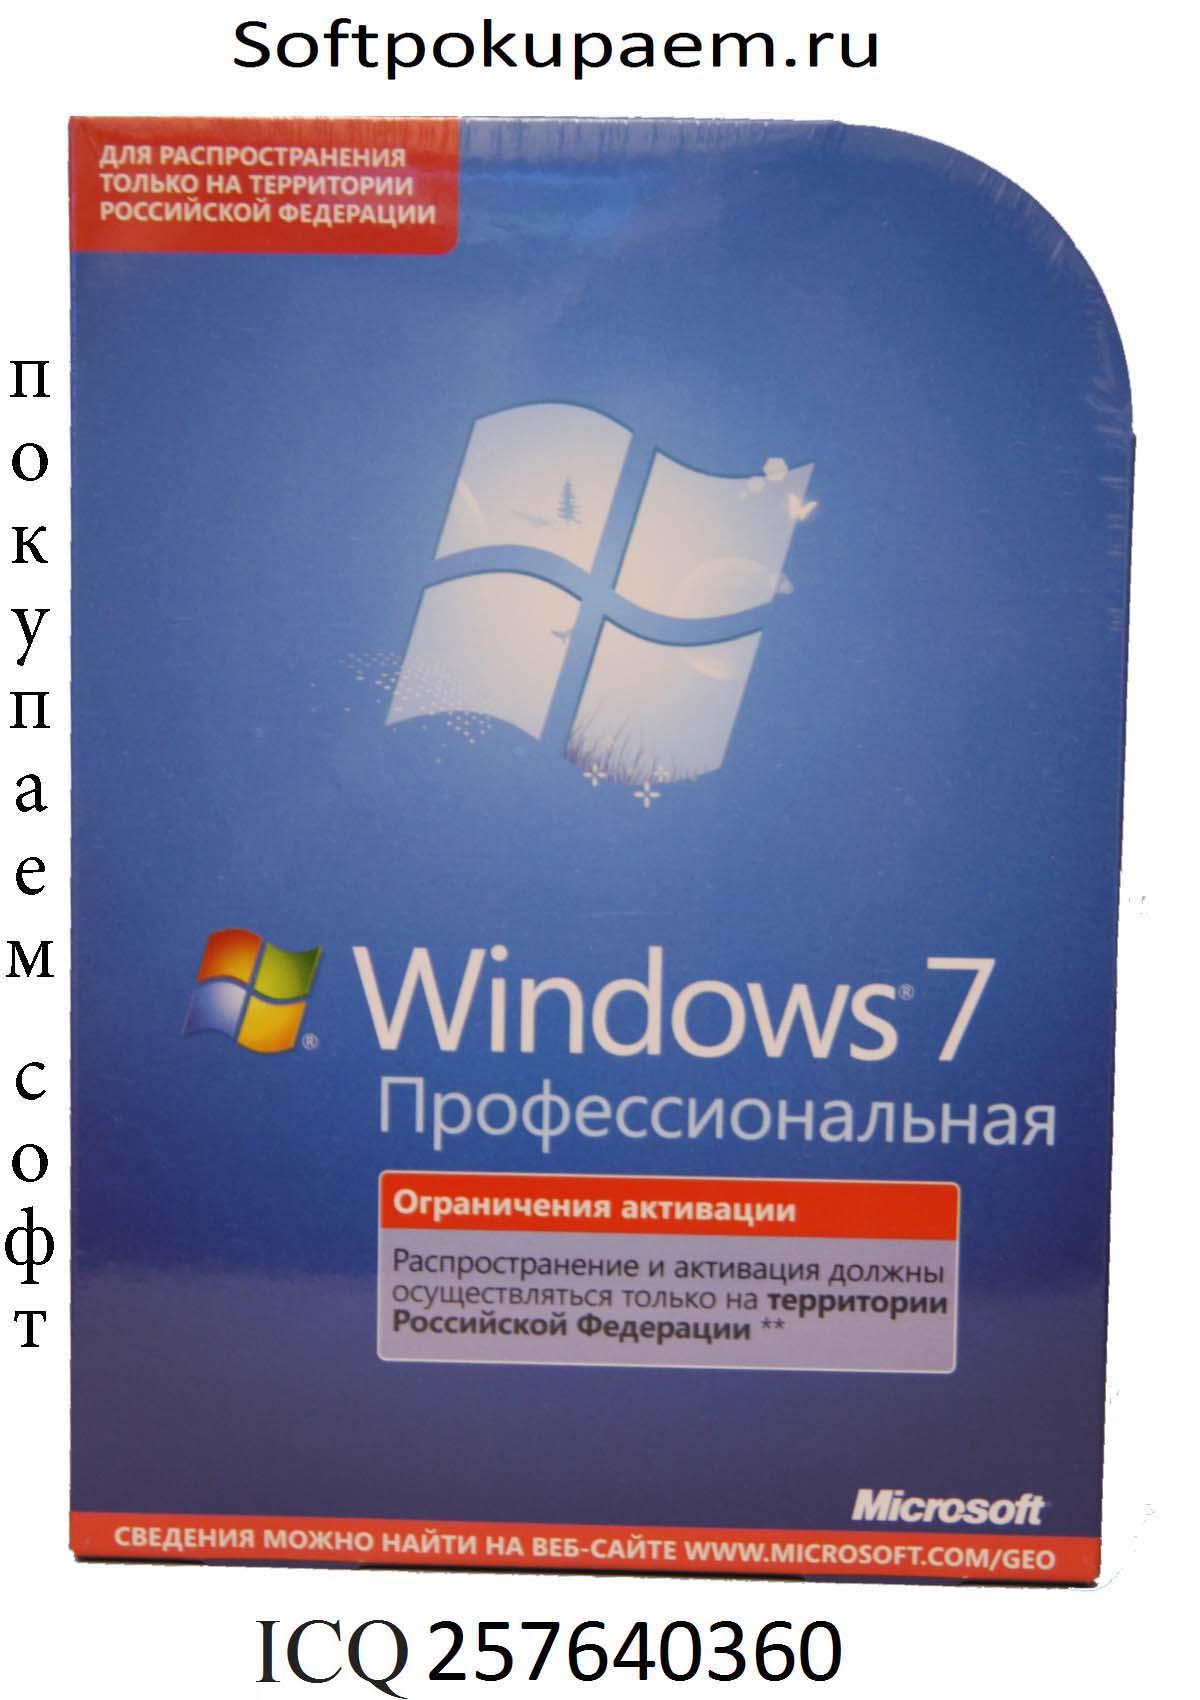 Покупаем лицензионный софт от Майкрософт